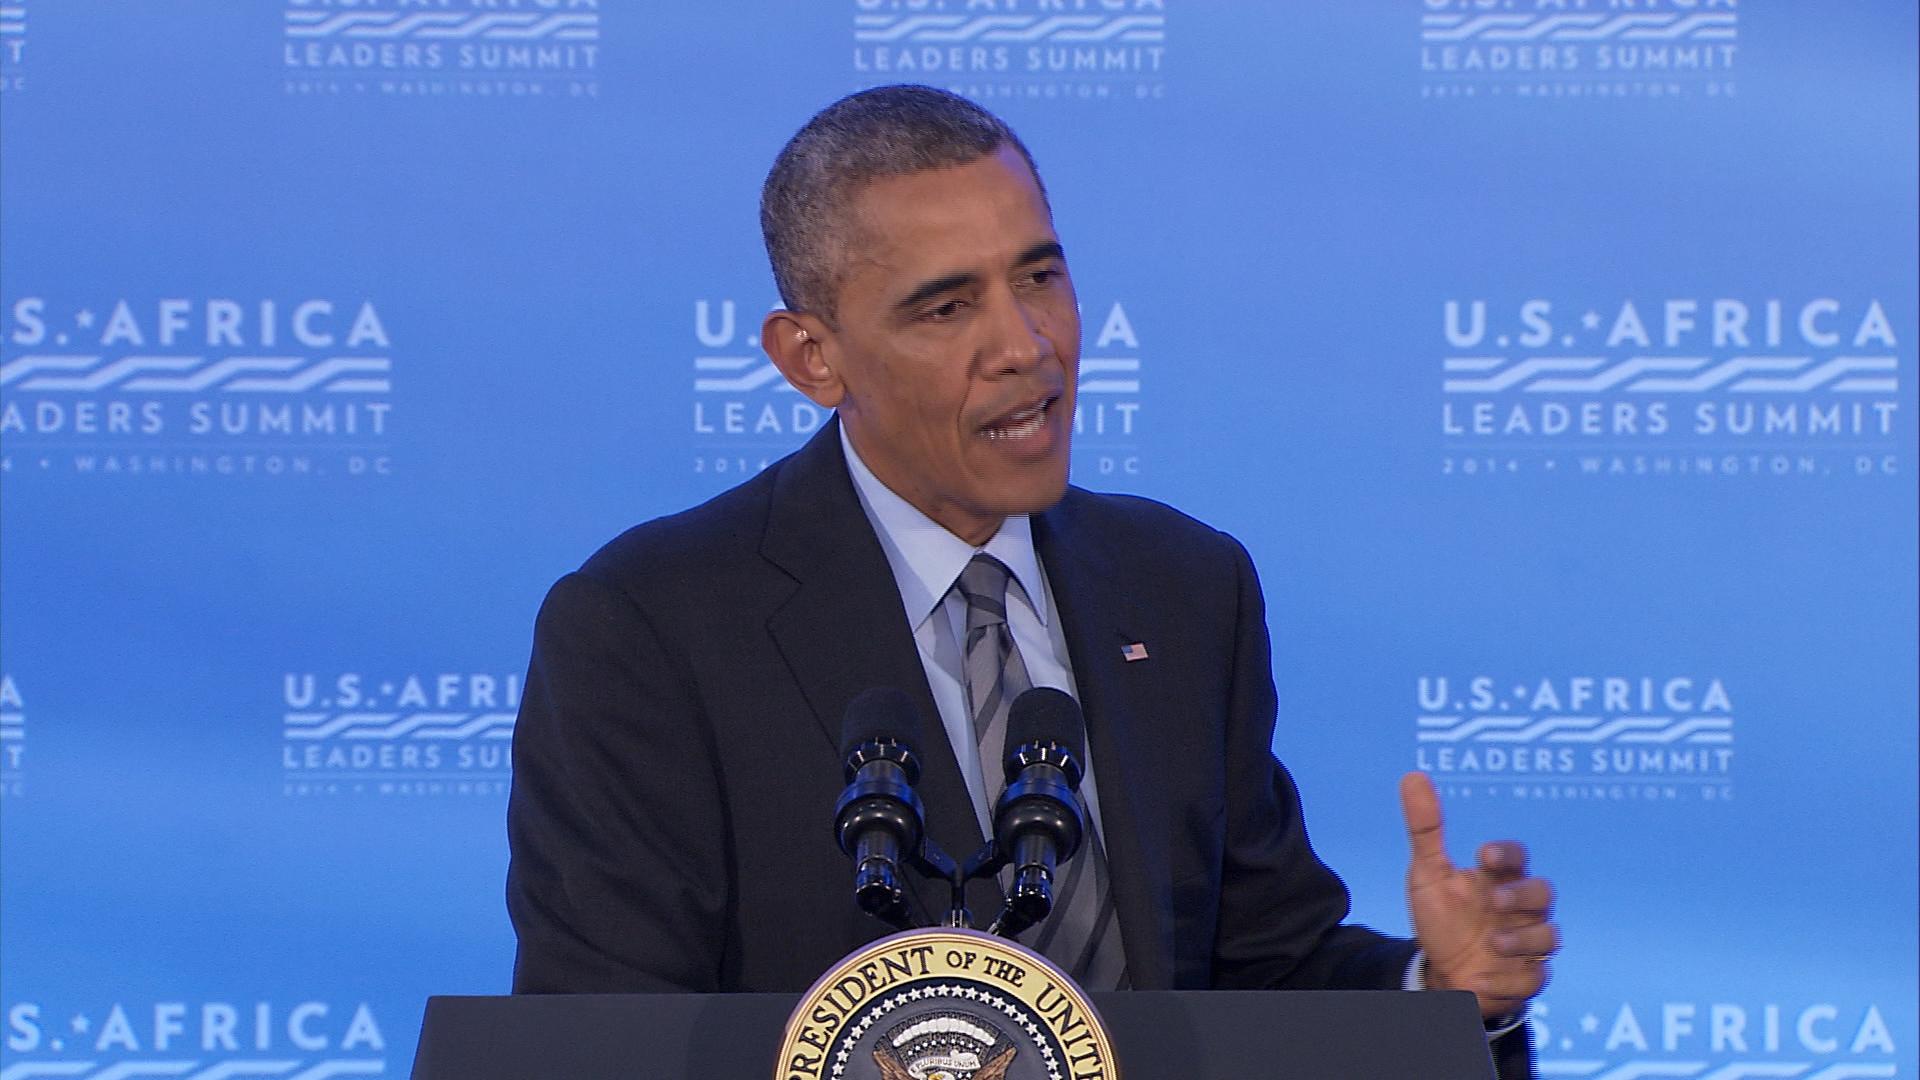 Obama speaks at US-Africa Leaders Summit